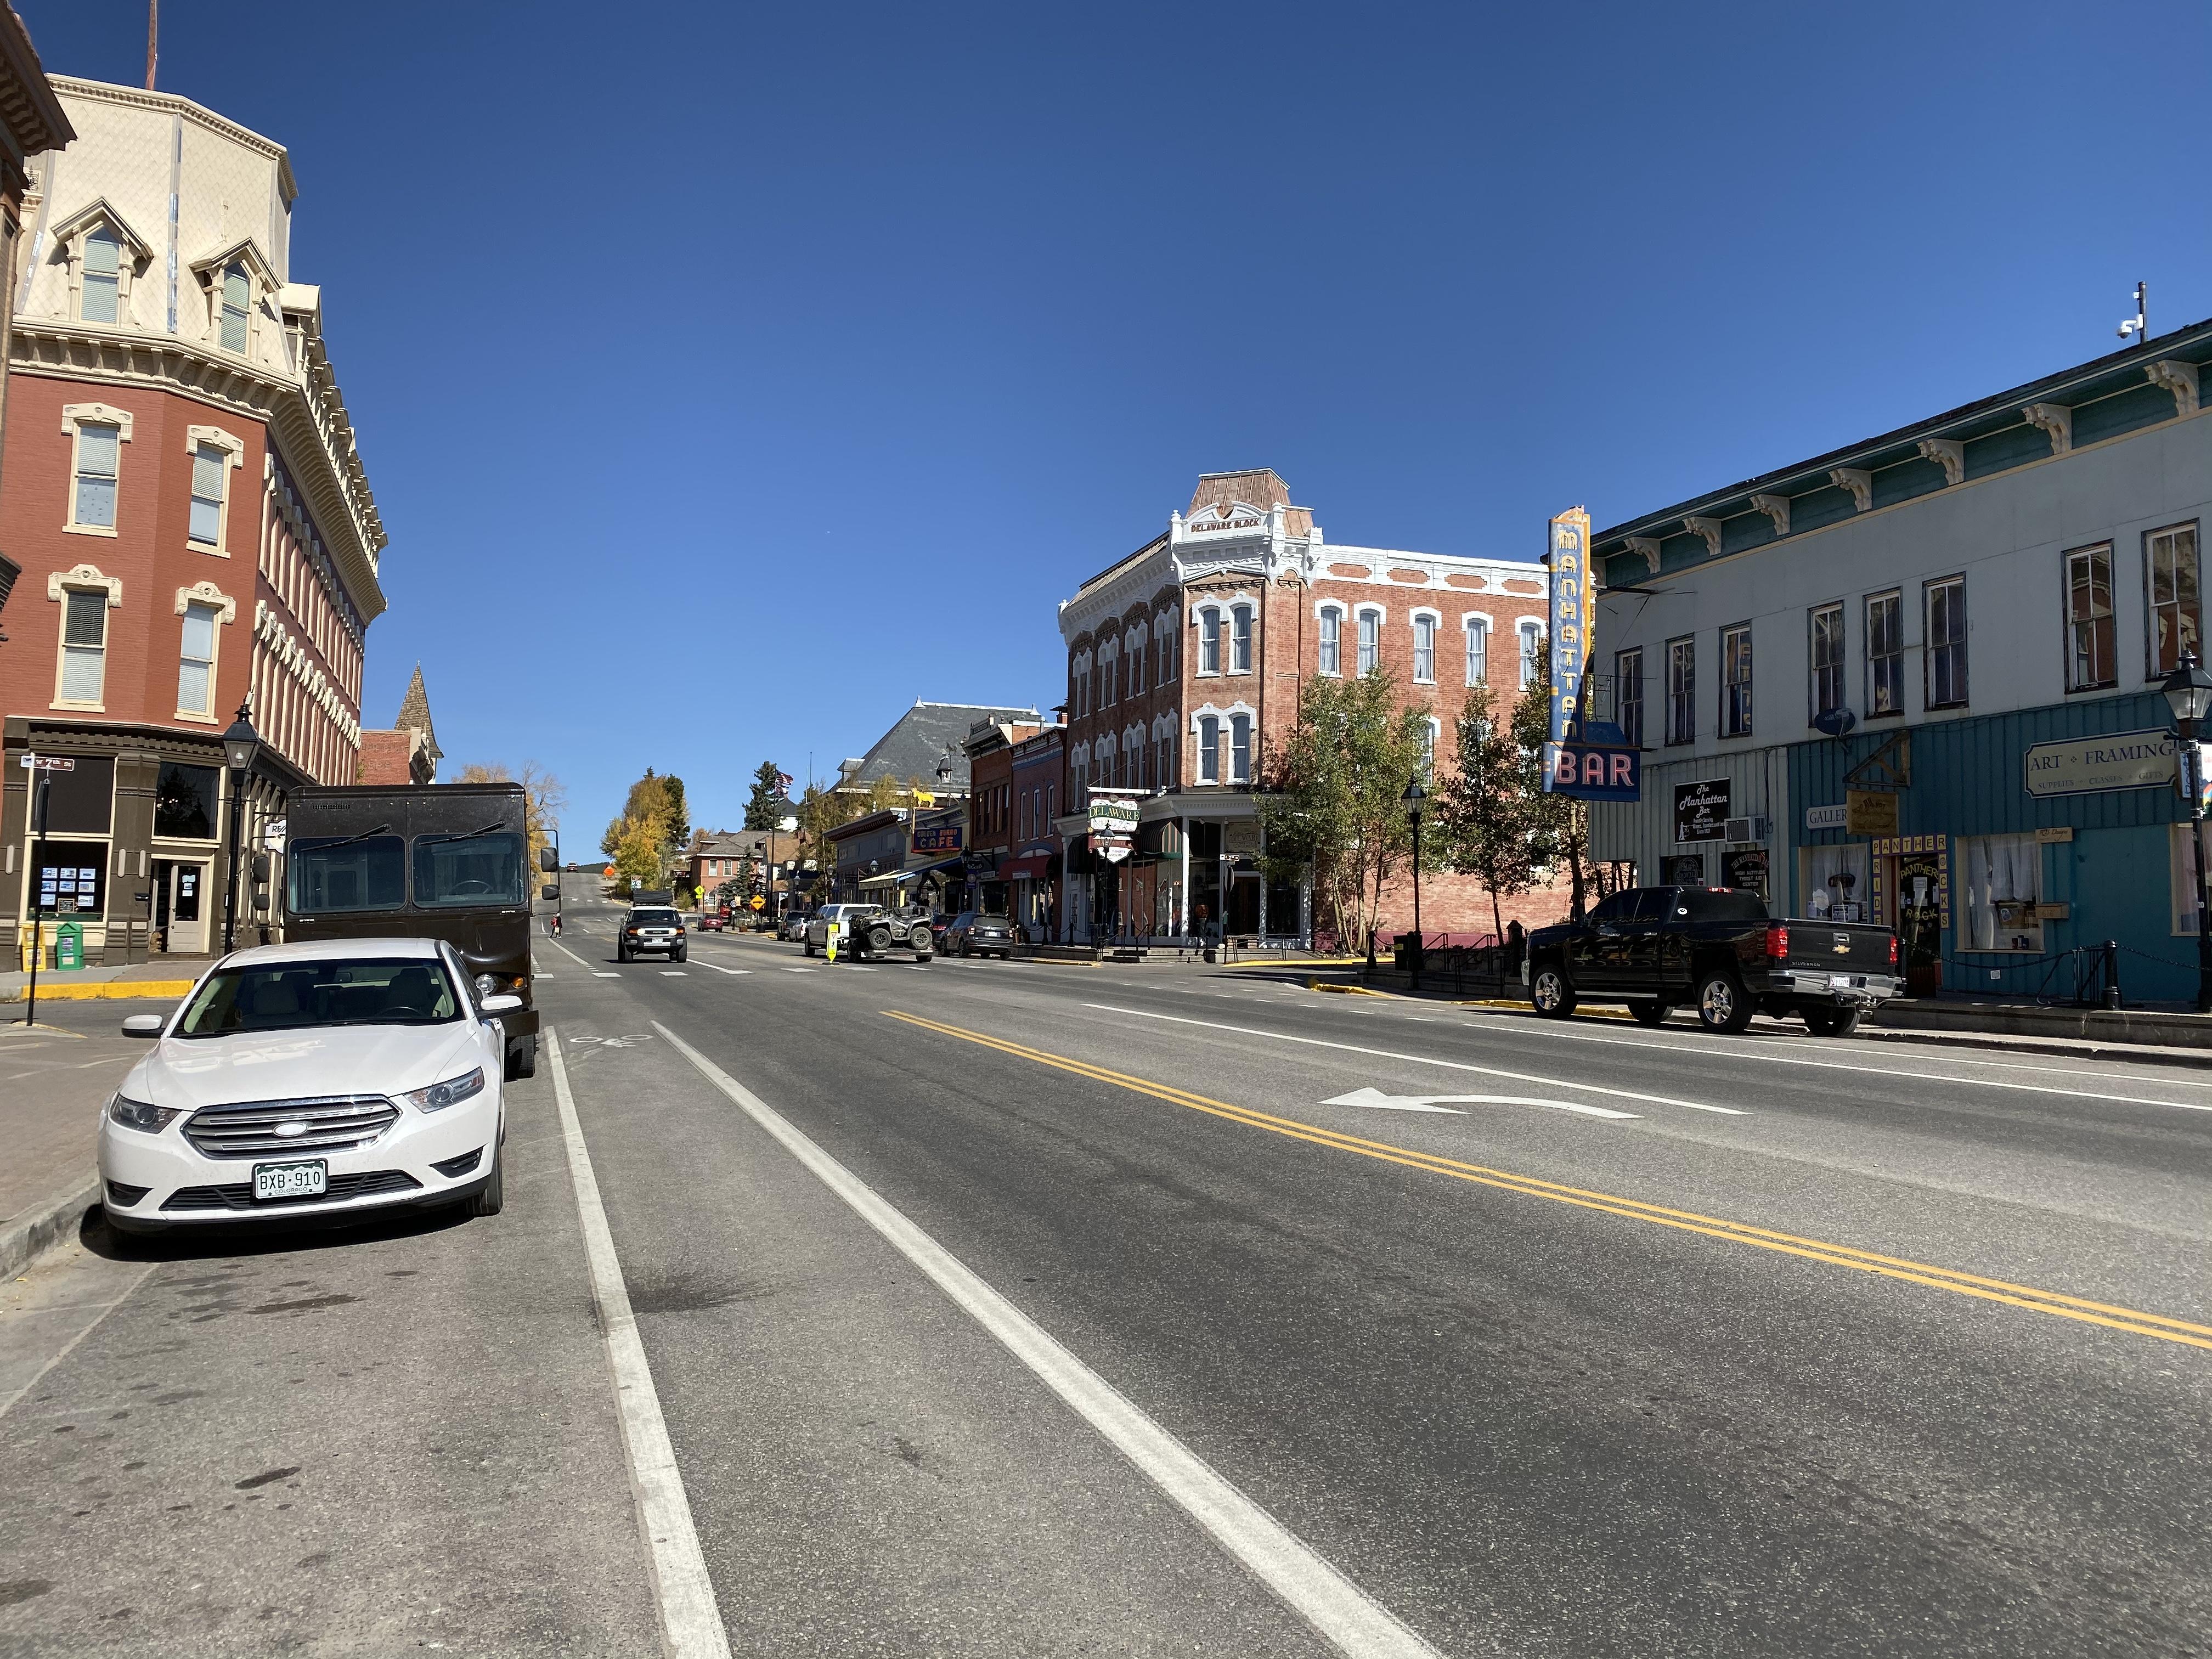 Main Street in Leadville, Colorado.